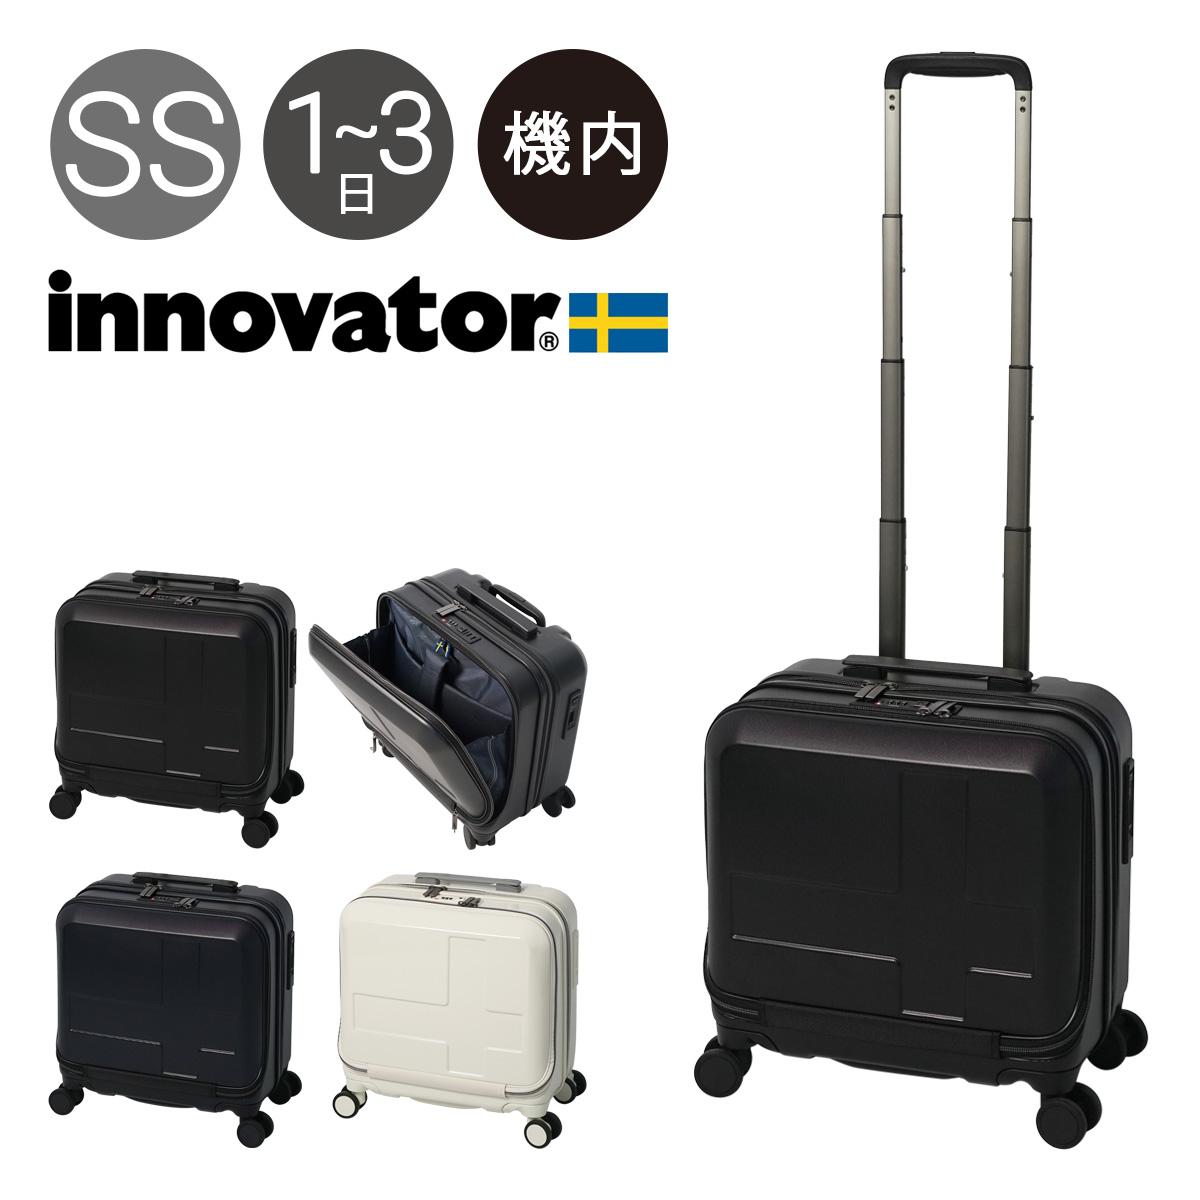 イノベーター スーツケース 横型 4輪 機内持ち込み 33L 36.5cm 3.4kg INV36 innovator|ハード ファスナー キャリーバッグ キャリーケース ビジネスキャリー フロントオープン ストッパー付き TSAロック搭載 HINOMOTO[PO10]